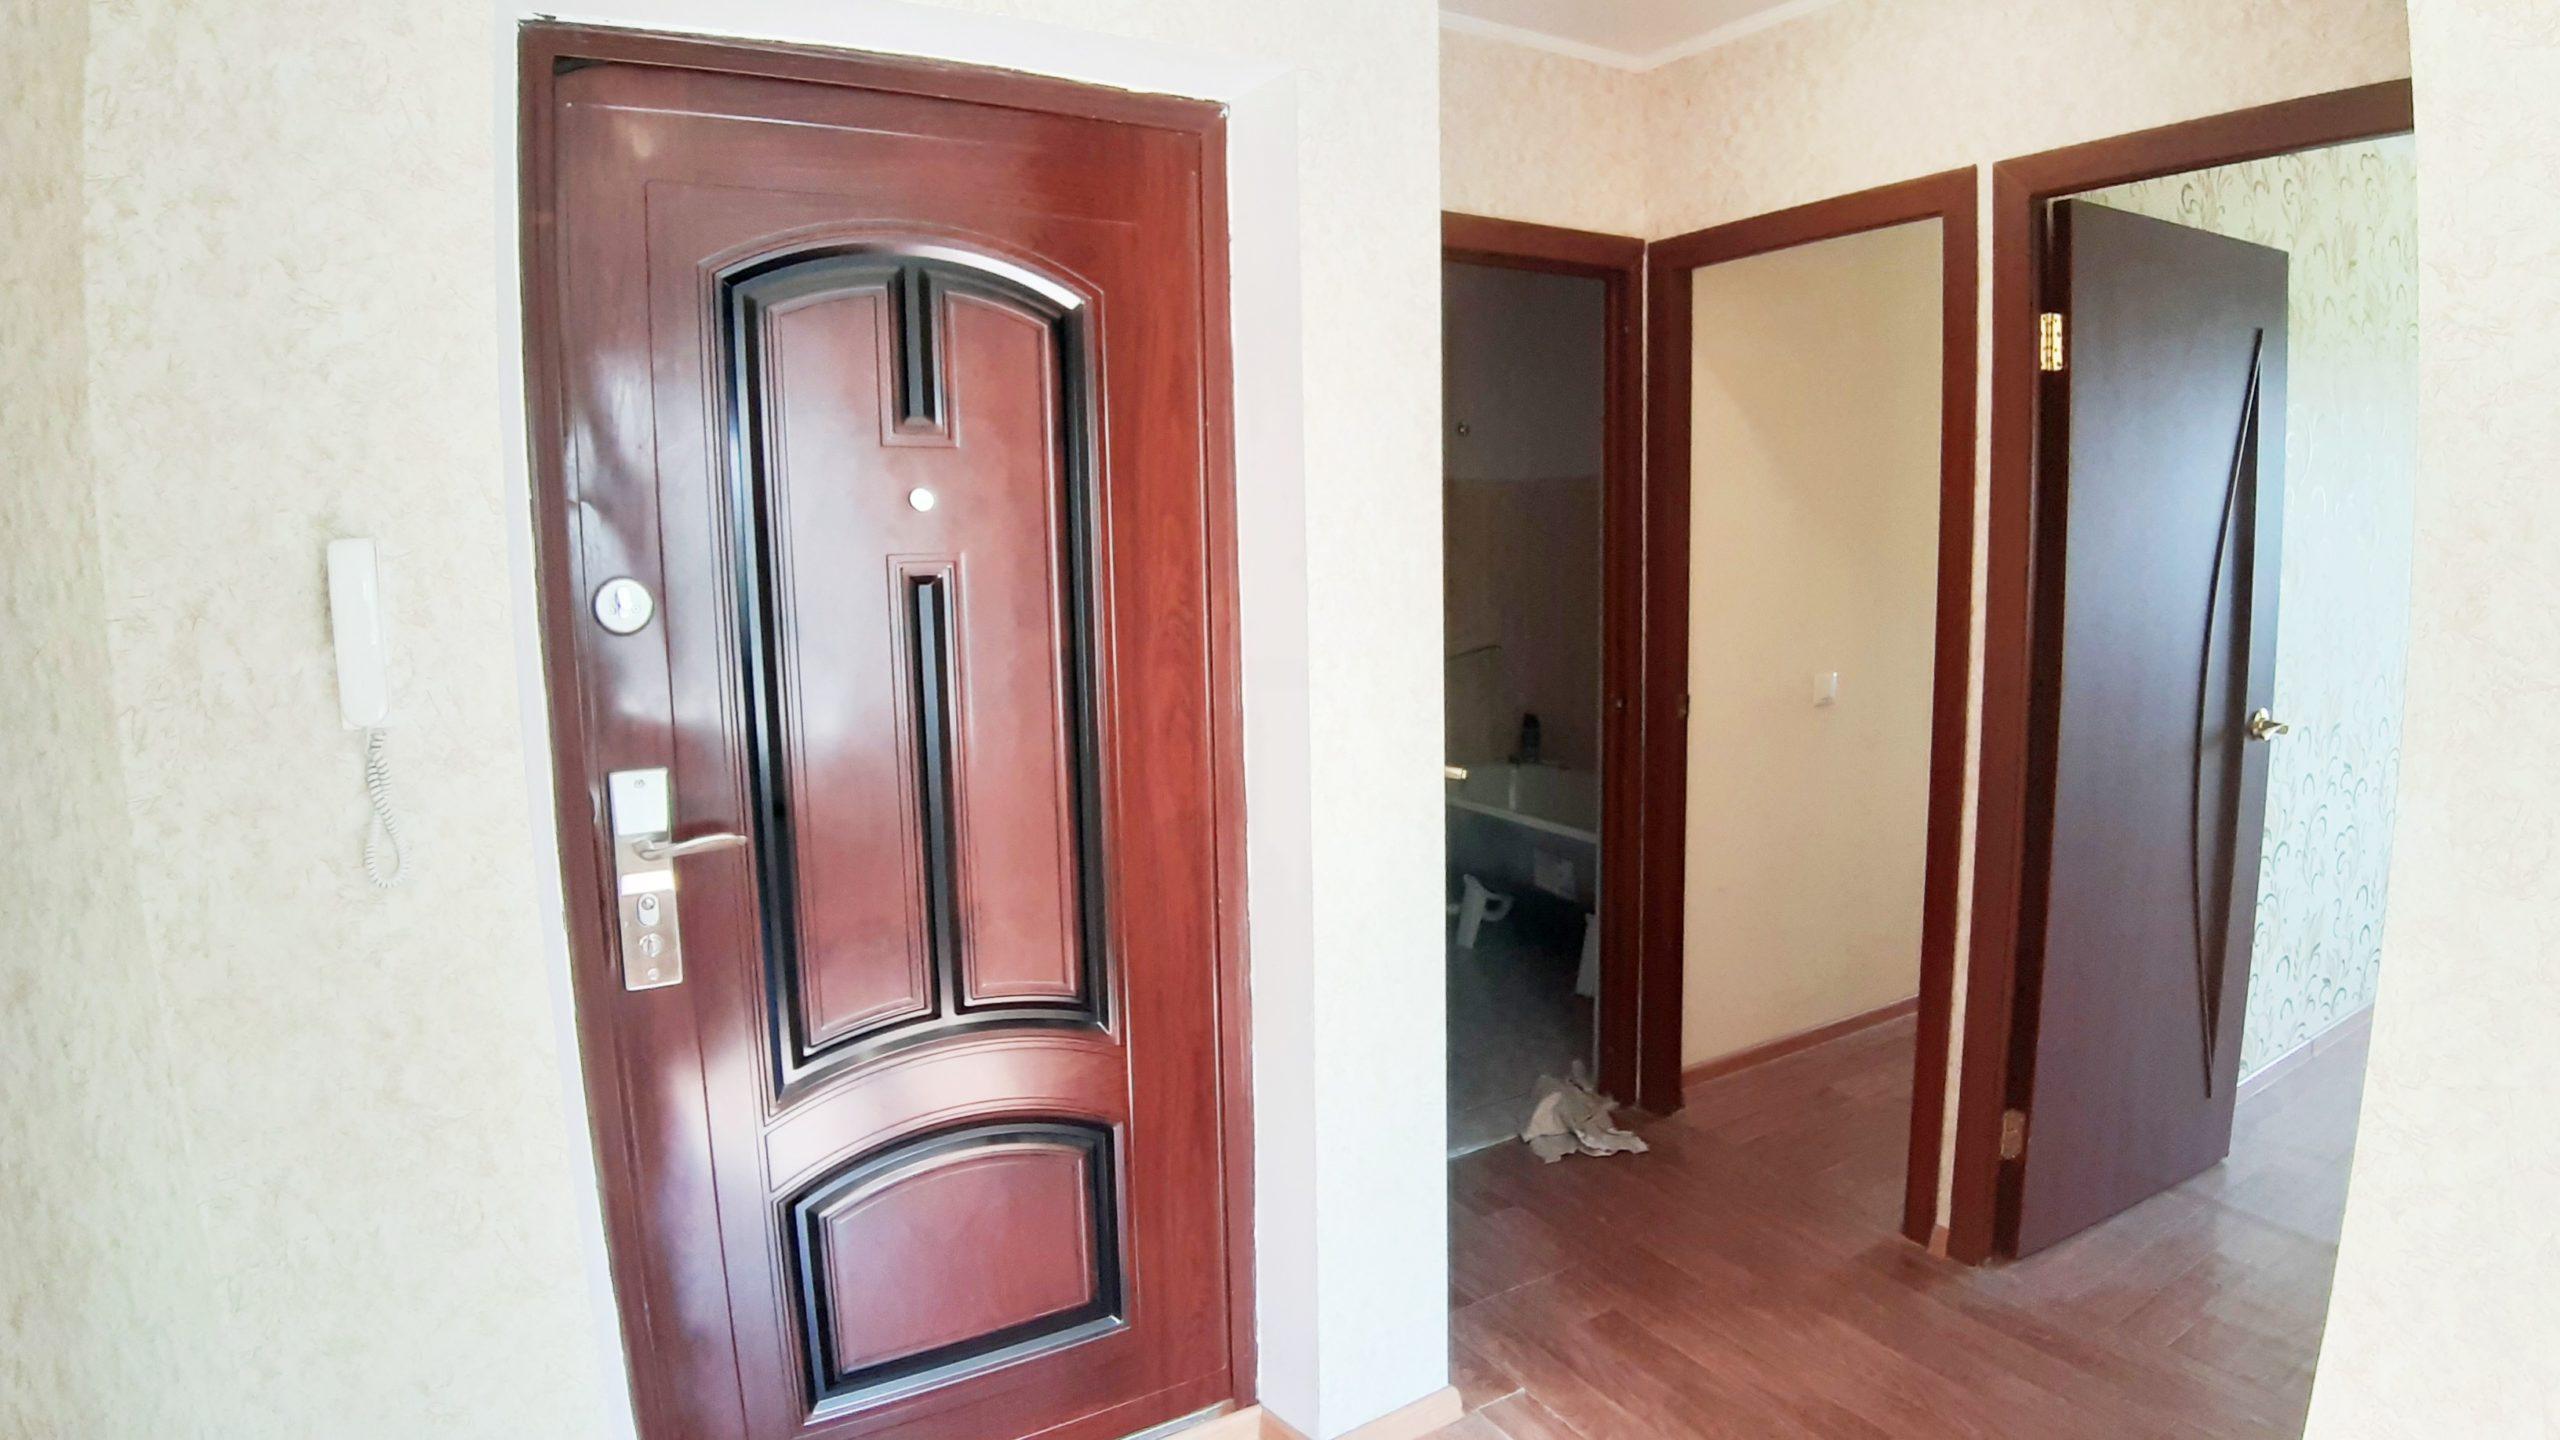 Коридор Снять или Купить квартиру в Кондрово Дзержинский район